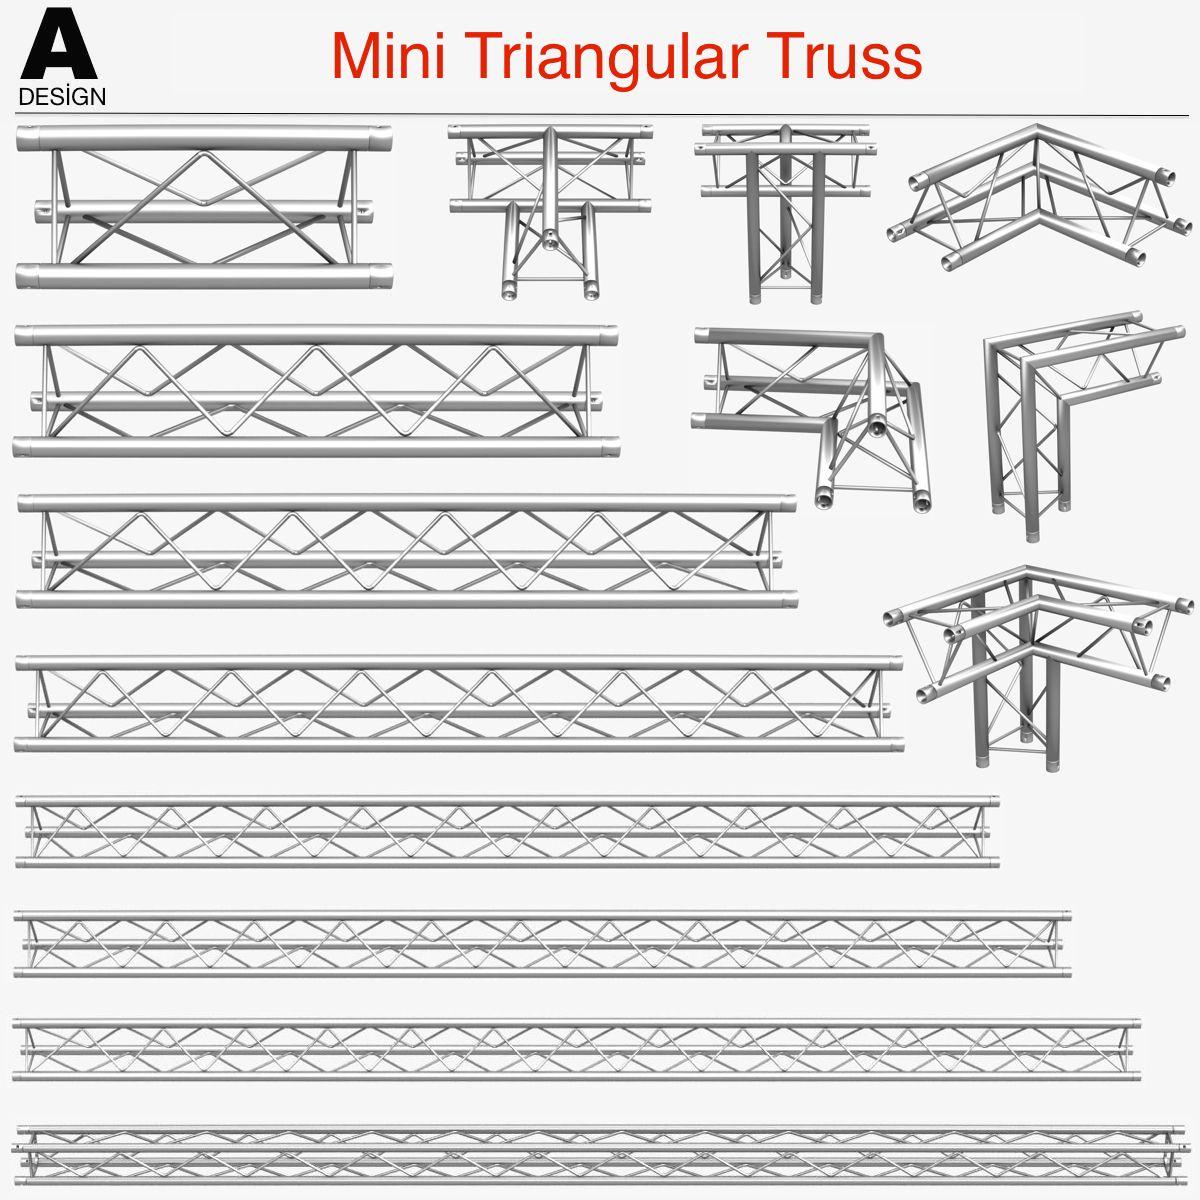 Mini Triangular Truss Collection 14 Modular 3d Model Mini Triangular Truss Collection 14 Modular Pieces Modula 3d Model Roof Truss Design Exhibition Stand